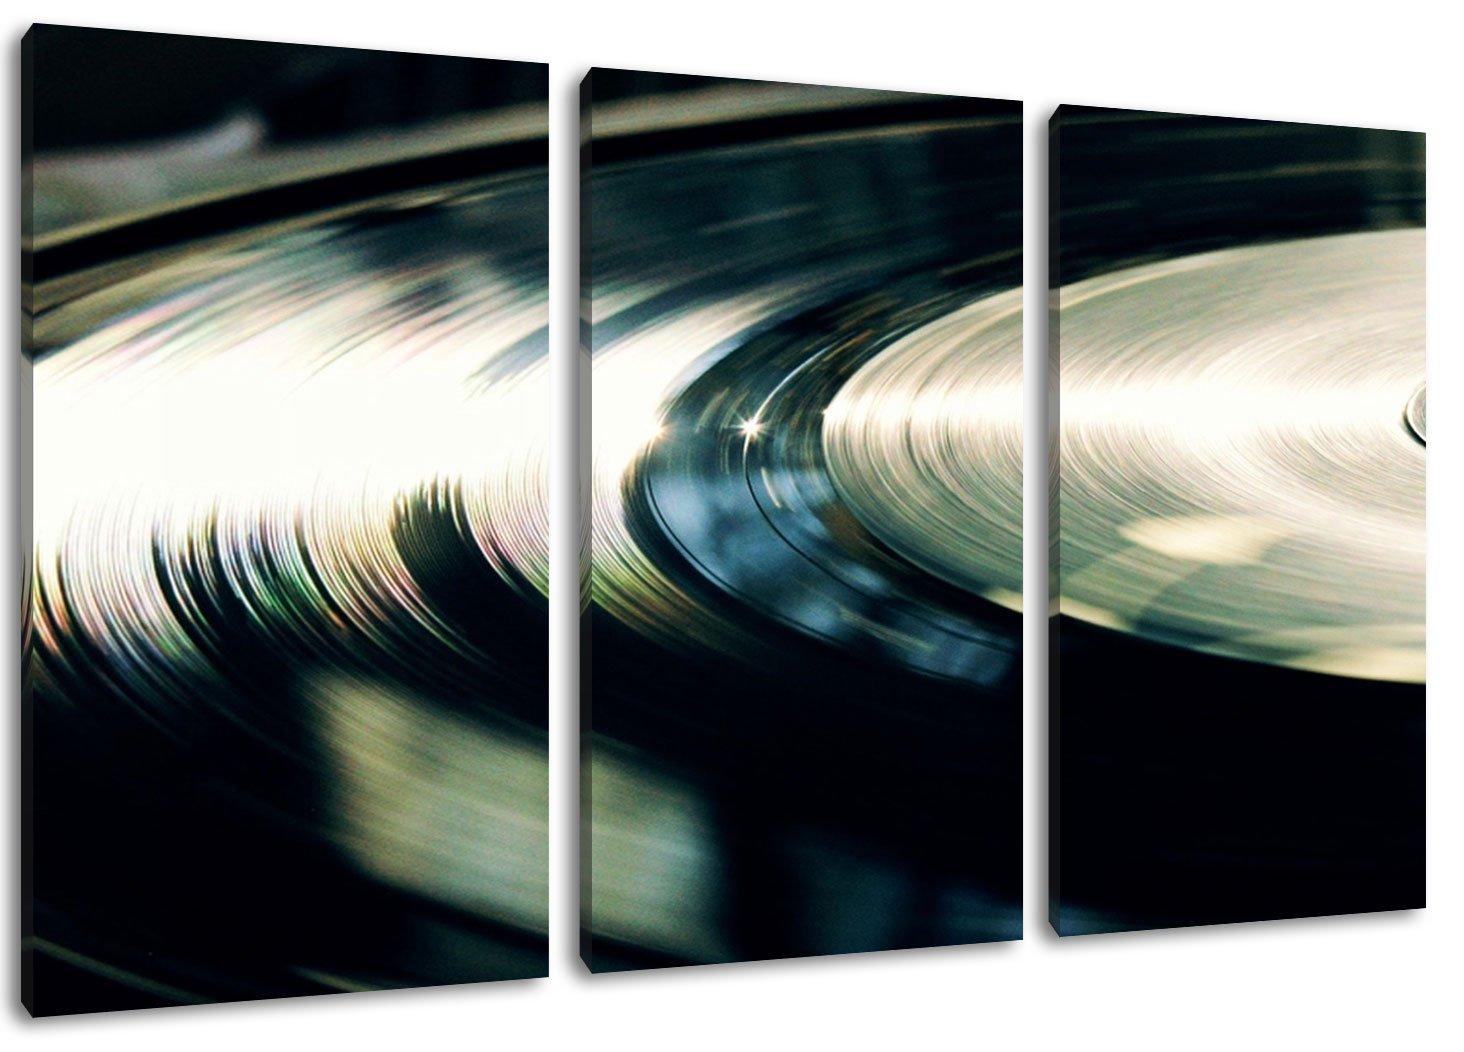 Dark Schallplatte, Musik, music, DJ Format  Dreiteiler Gesamt 120x80, 120x80, 120x80, Bild auf Leinwand bespannt, riesige XXL Bilder komplett und fertig gerahmt mit Keilrahmen, Kunstdruck auf Wand Bild mit Rahmen, günstiger als Gemälde oder Bild, kein Poster od cb20fe